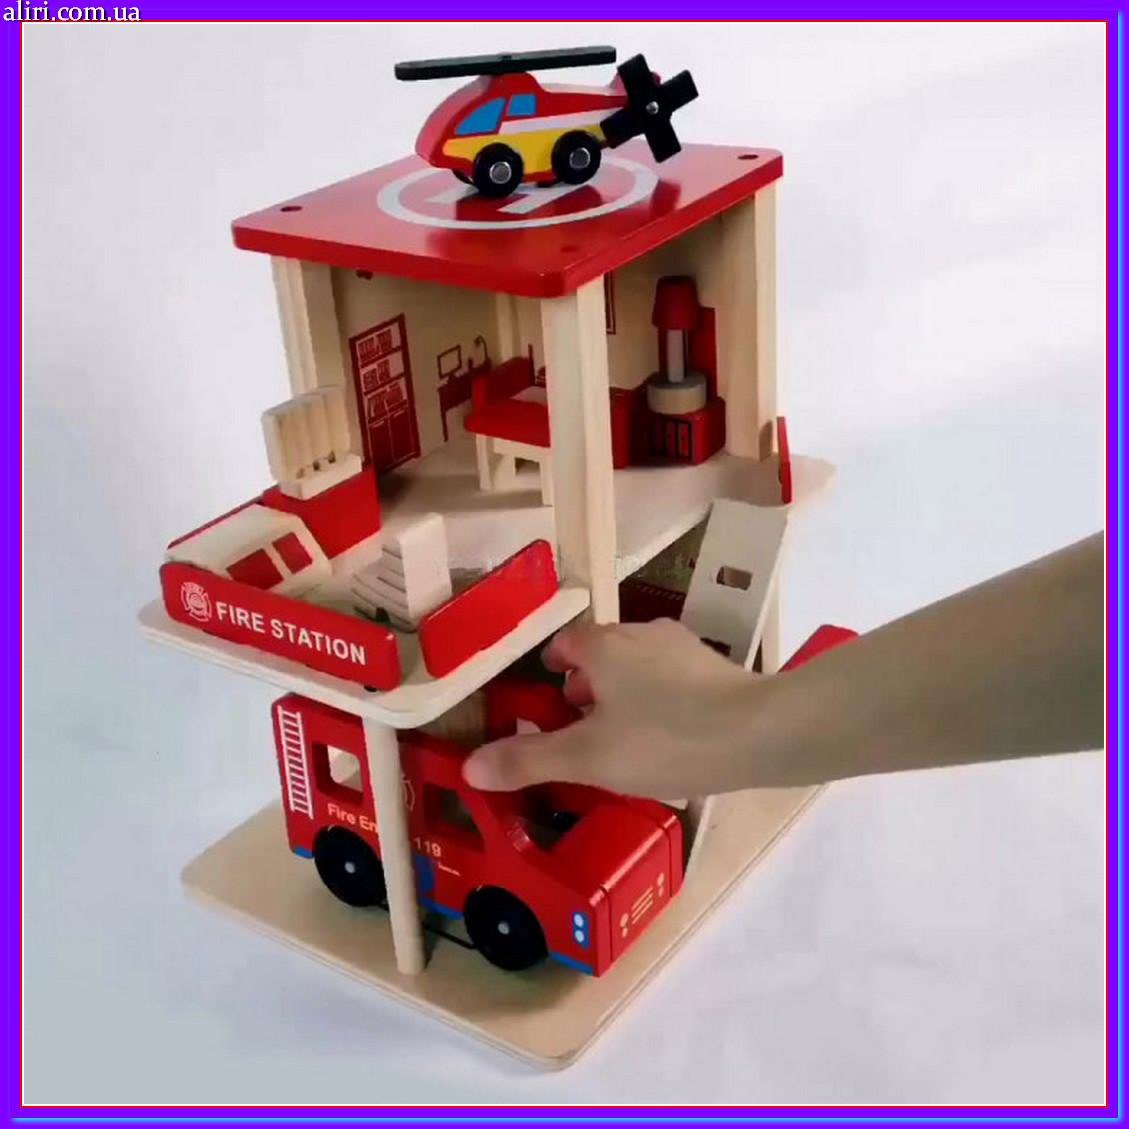 Деревянная игрушка Гараж MD 1059-2 пожарная станция